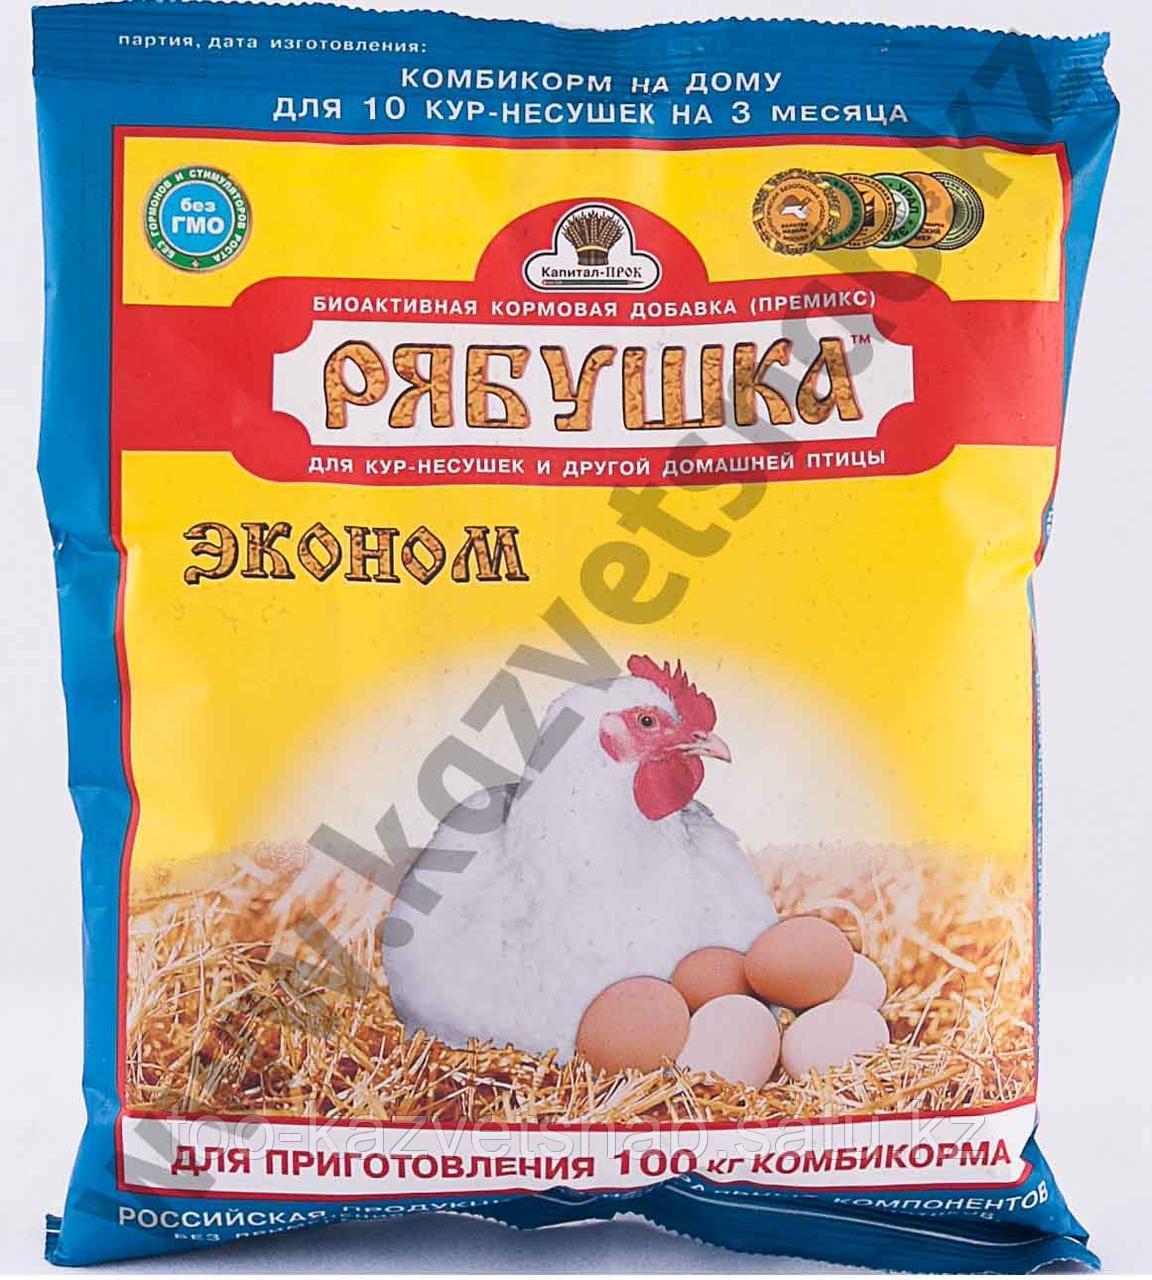 Рябушка – лучшая кормовая добавка для кур несушек